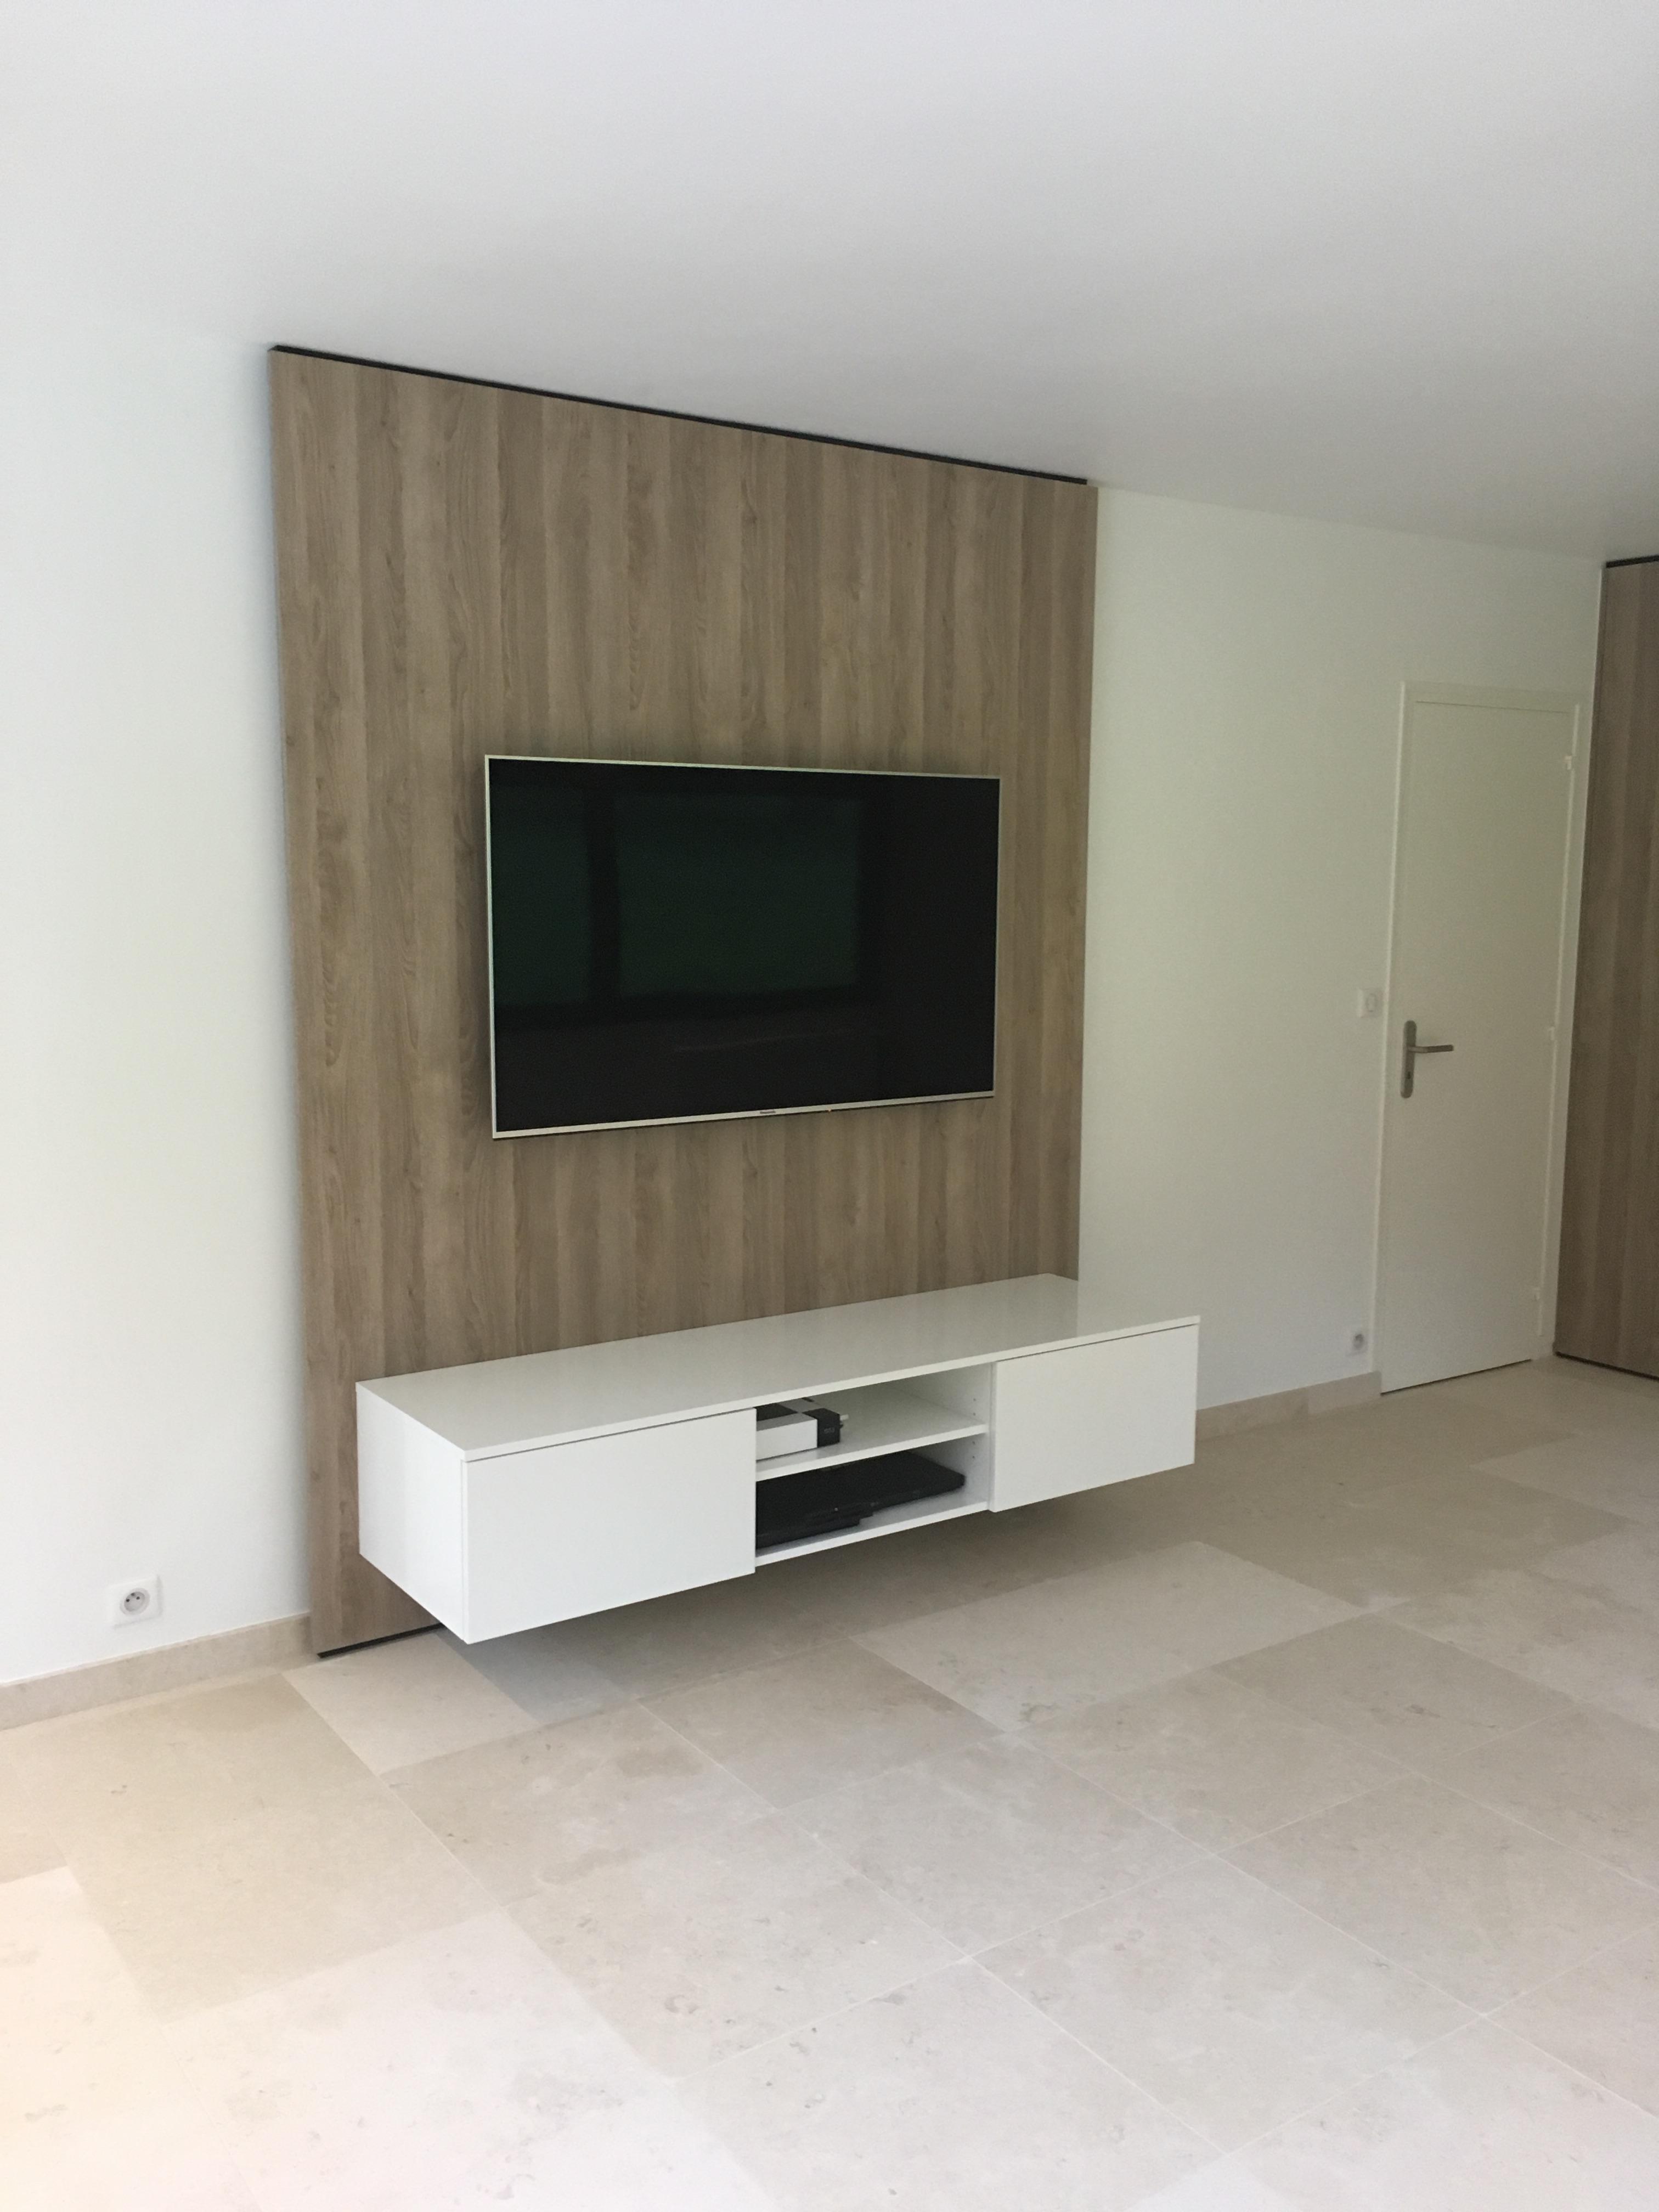 Television Suspendue Mur Maison Design